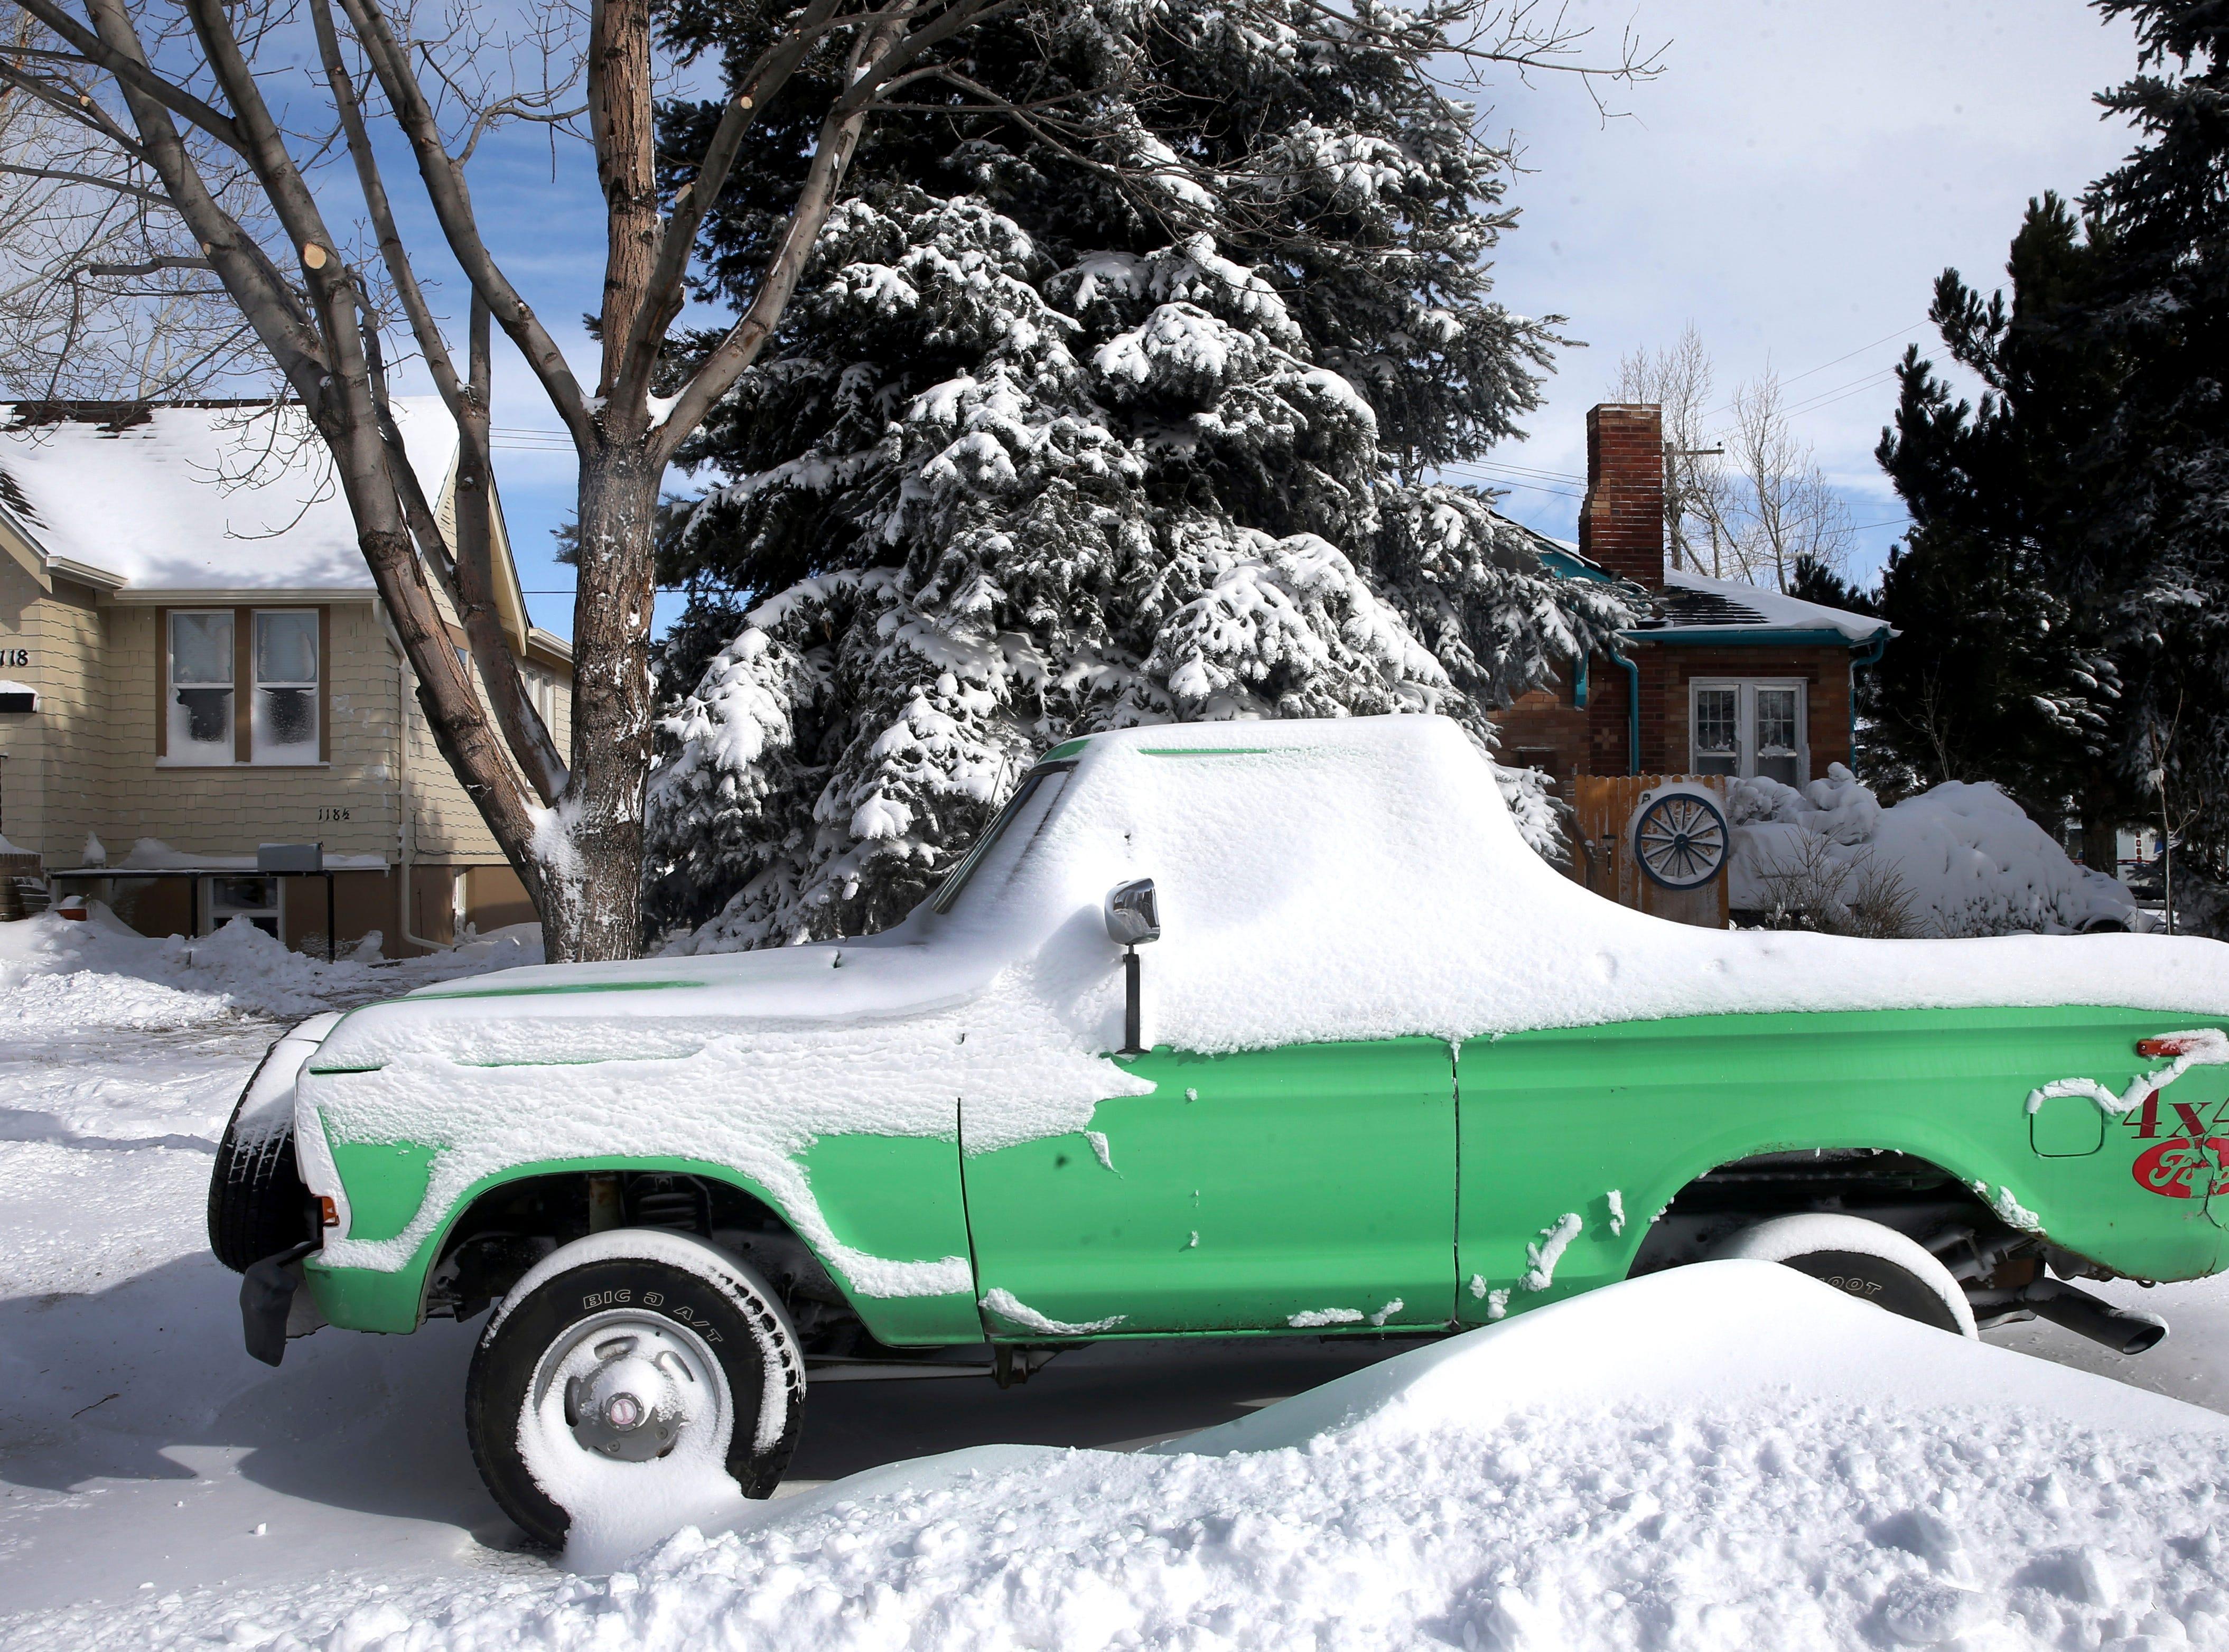 Un camión verde está cubierto de nieve en el norte de Cheyenne, Wyoming, el jueves 14 de marzo de 2019. Según el Servicio Meteorológico Nacional, 14.6 pulgadas de nieve cayeron sobre la ciudad, con velocidades máximas de viento que superan las 60 millas por hora.